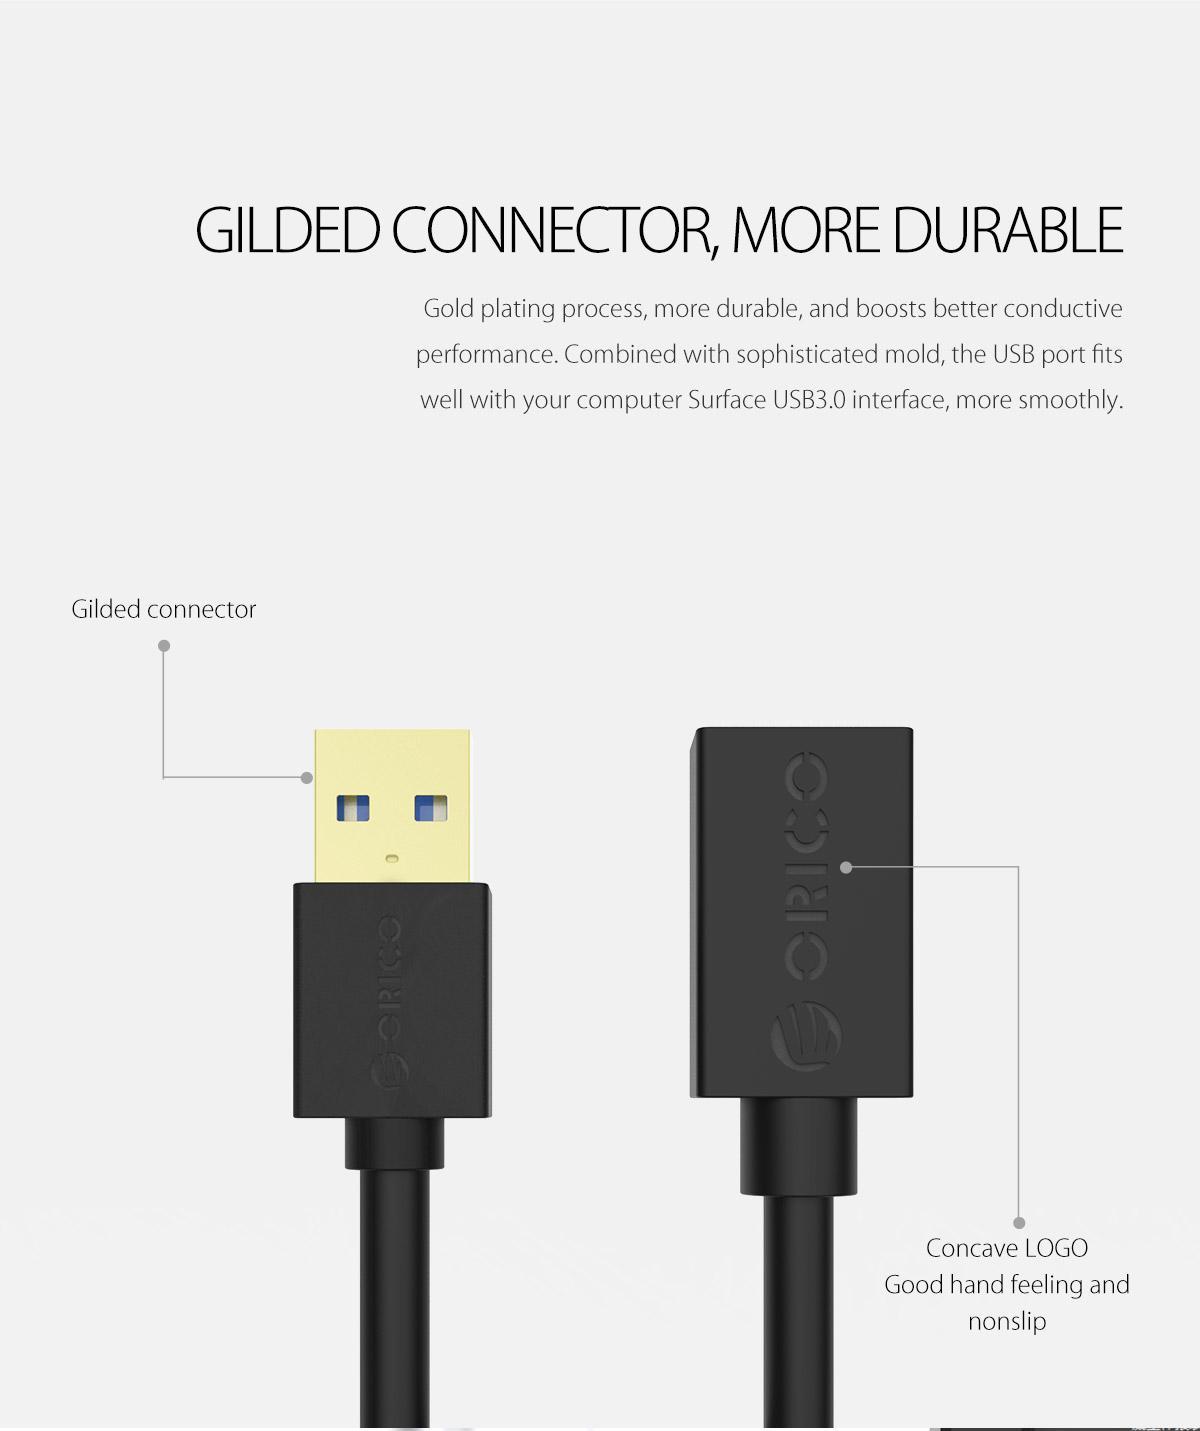 Συμβατό με σχεδόν όλες τις συσκευές USB Γνωρίστε πιο εκτεταμένες ... f2db67dfd3e